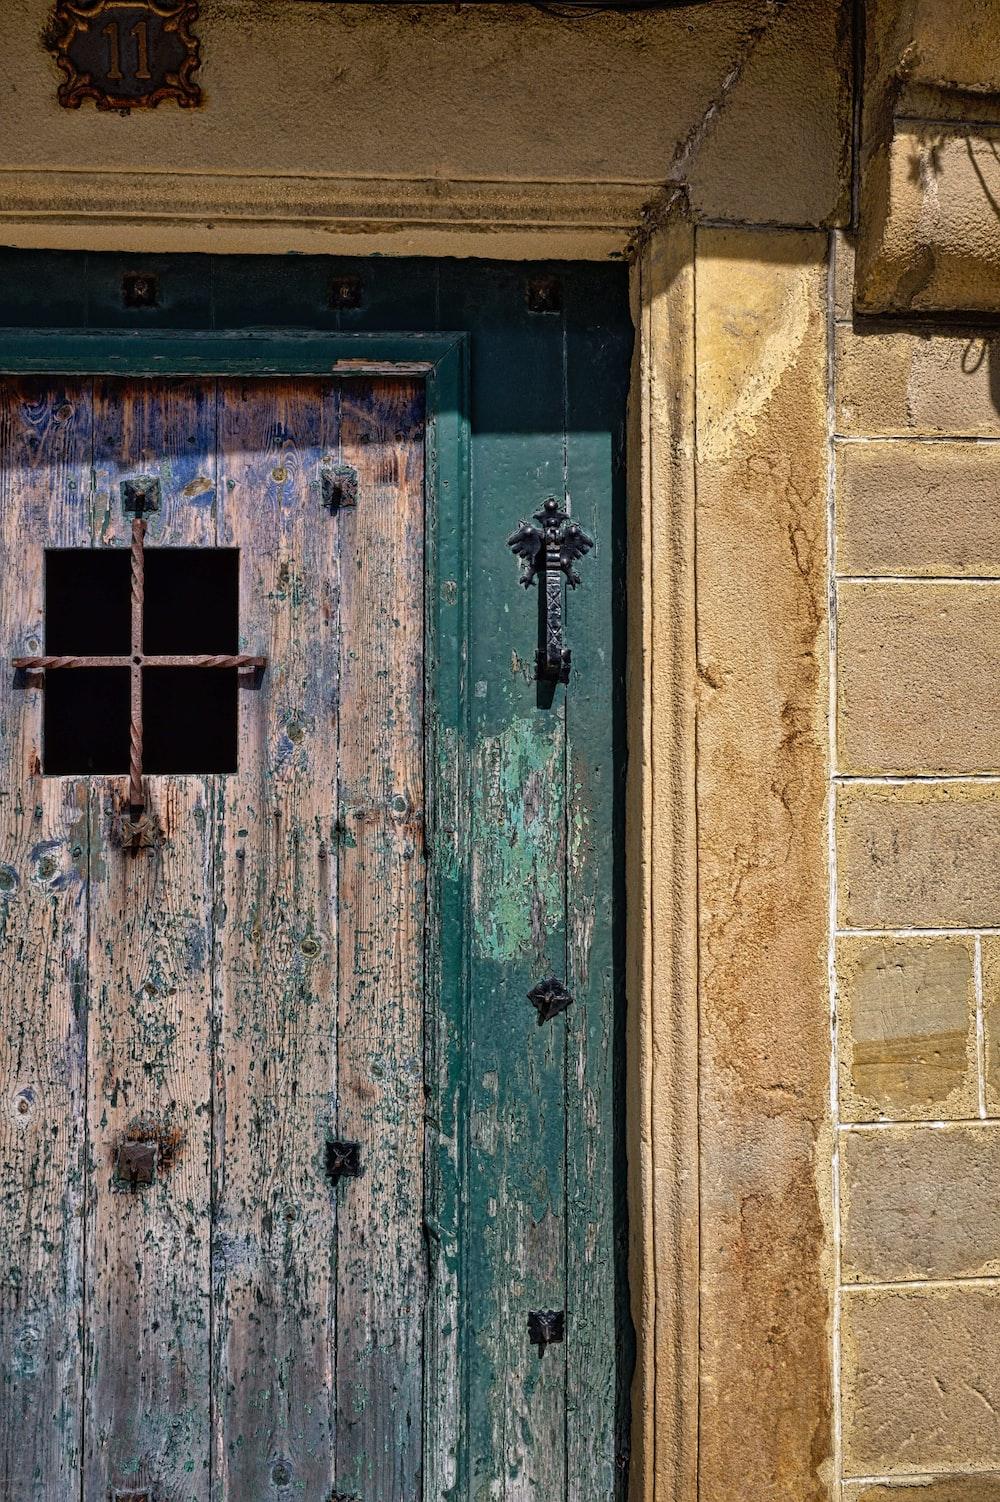 closed green and brown wooden door panel